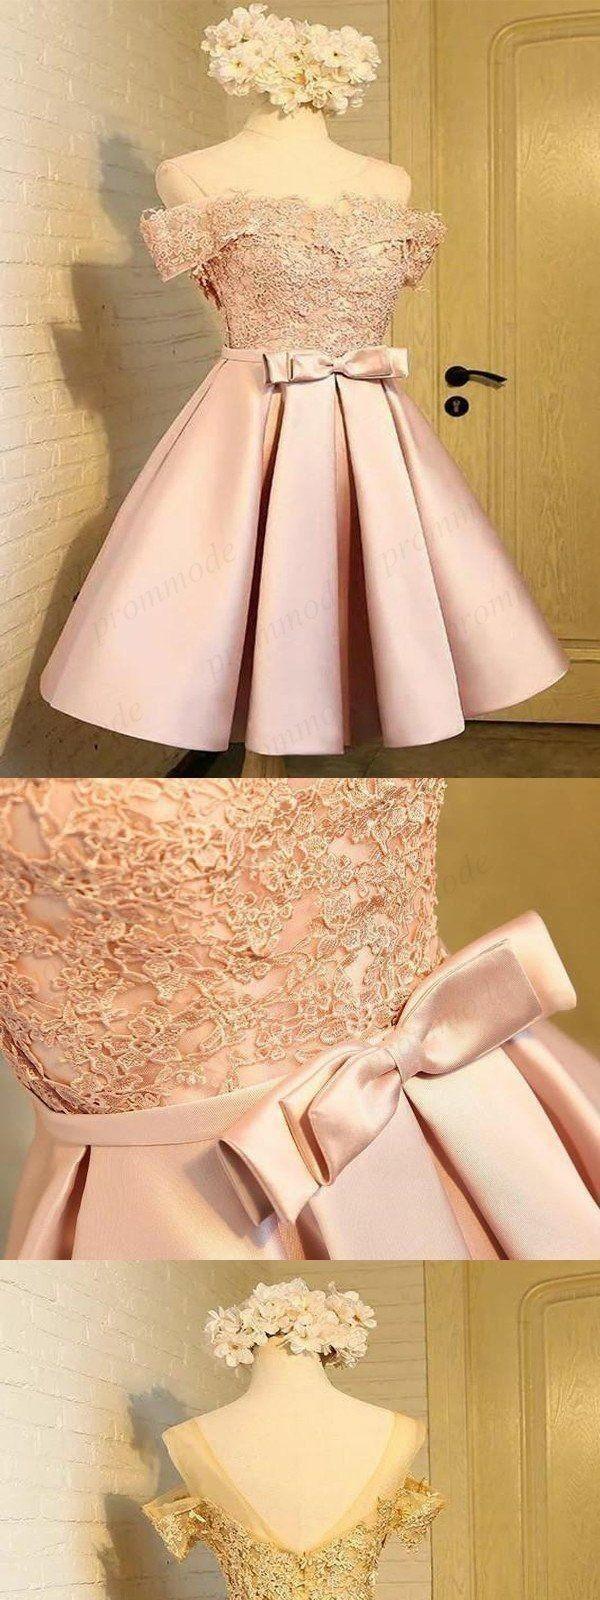 pinhilder martinez on quince años   pink dress short